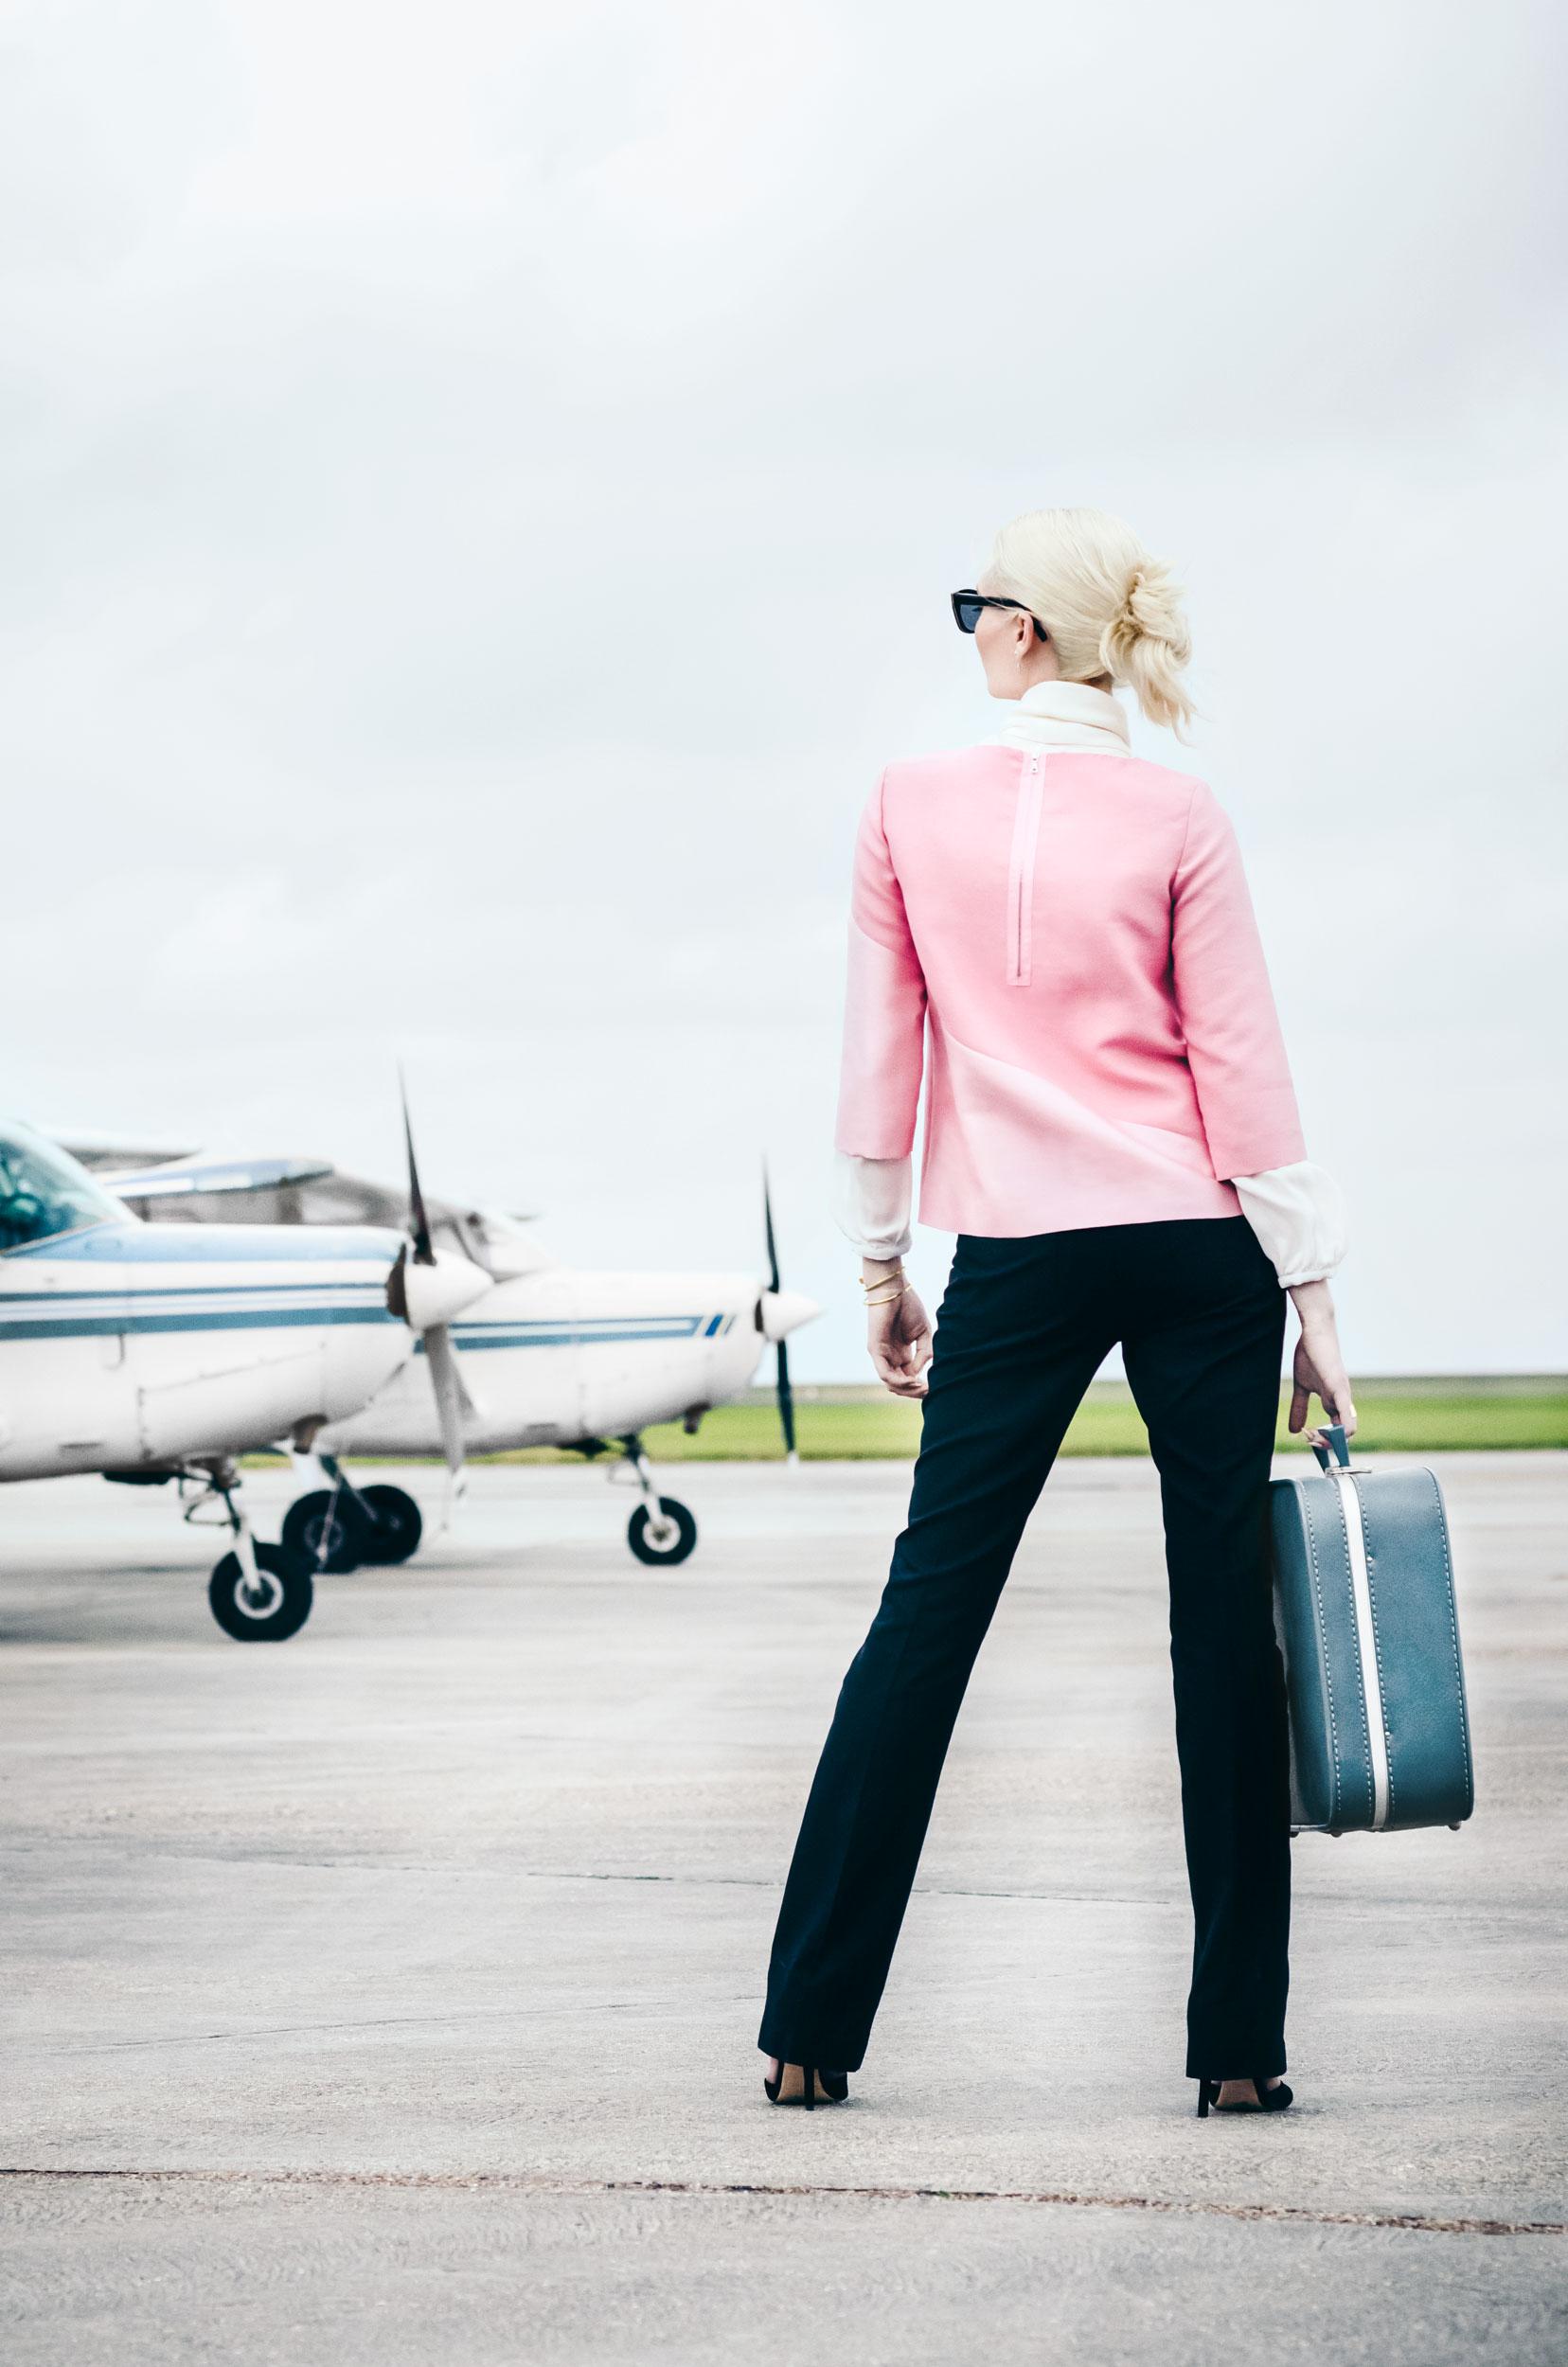 Augusta_Sagnelli_fashion_photographer_new_orleans_05.jpg